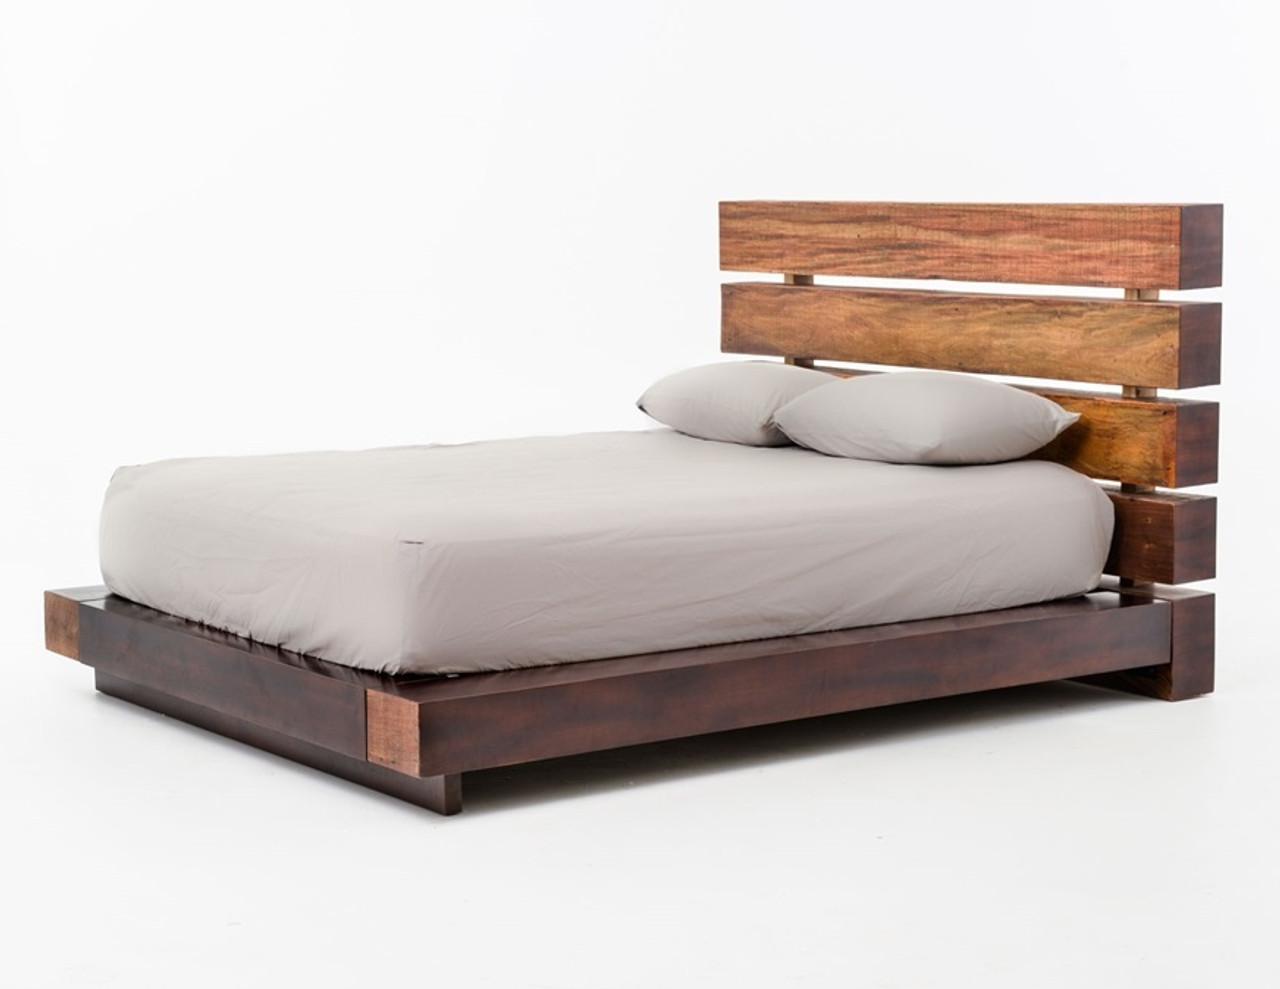 Bina Iggy Solid Wood Queen Platform Bed Frame Zin Home